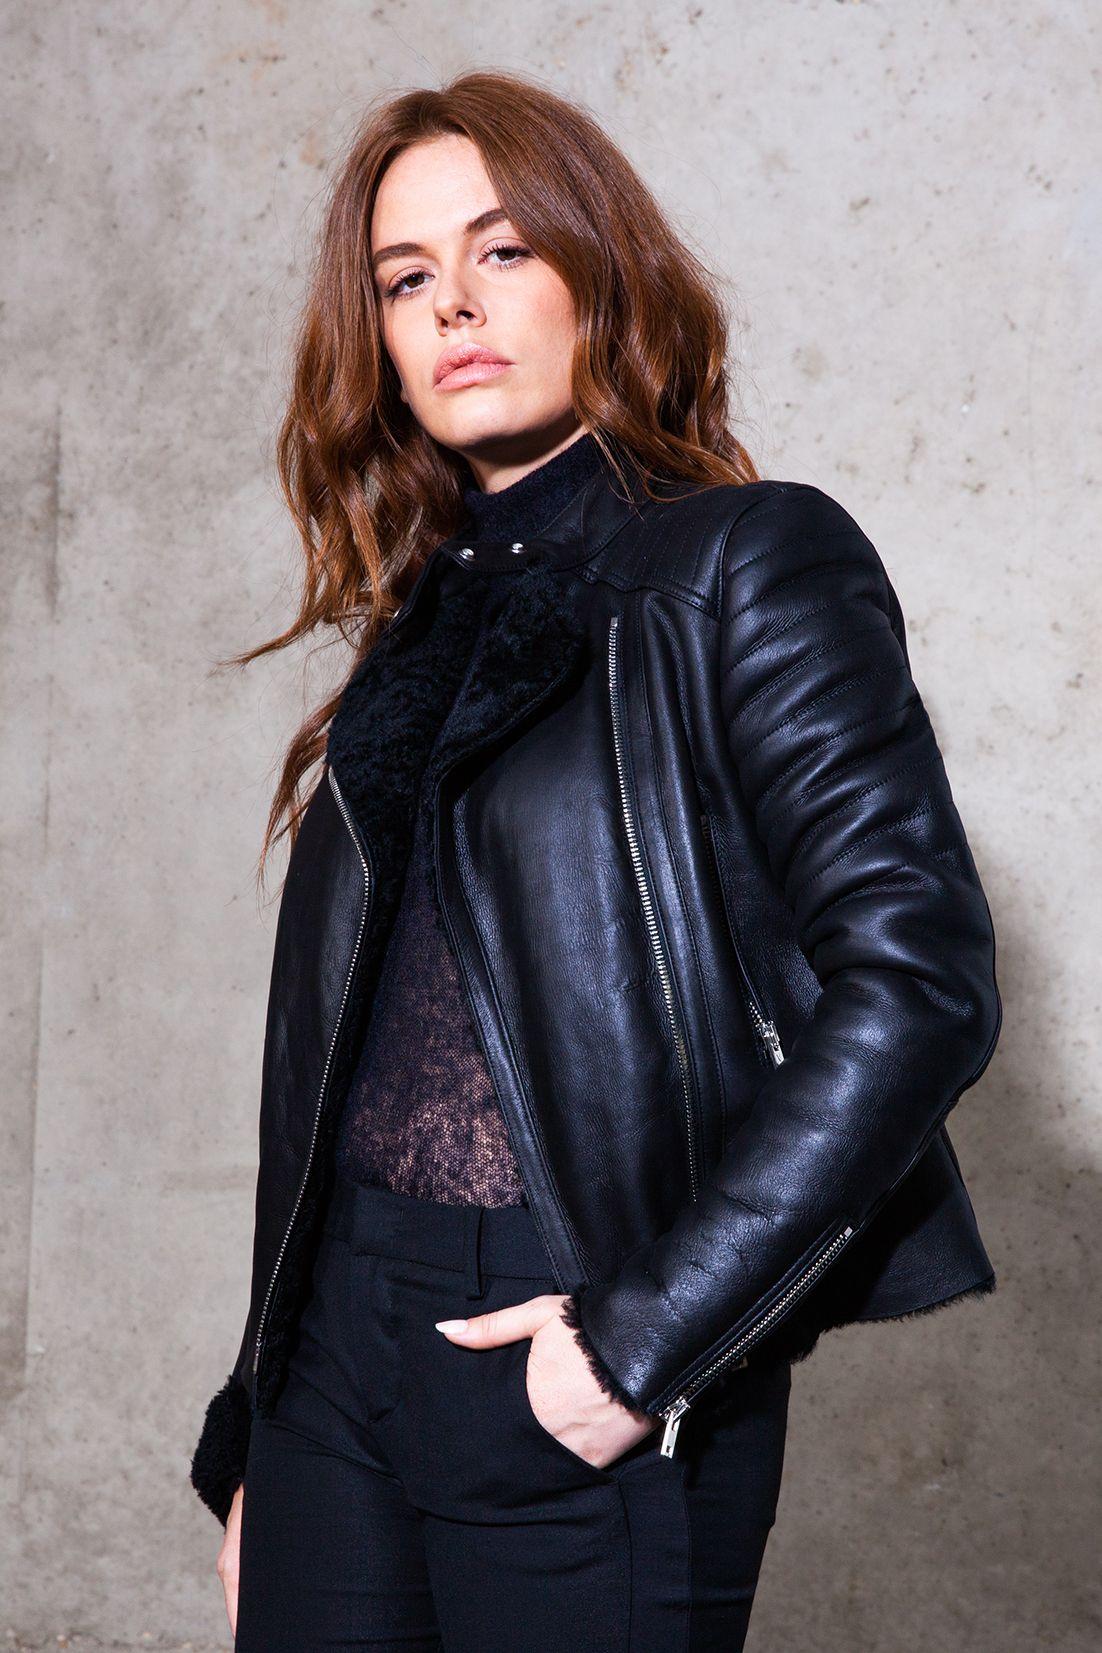 Vestes peaux lainées Femme I Ventcouvert Ventcouvert